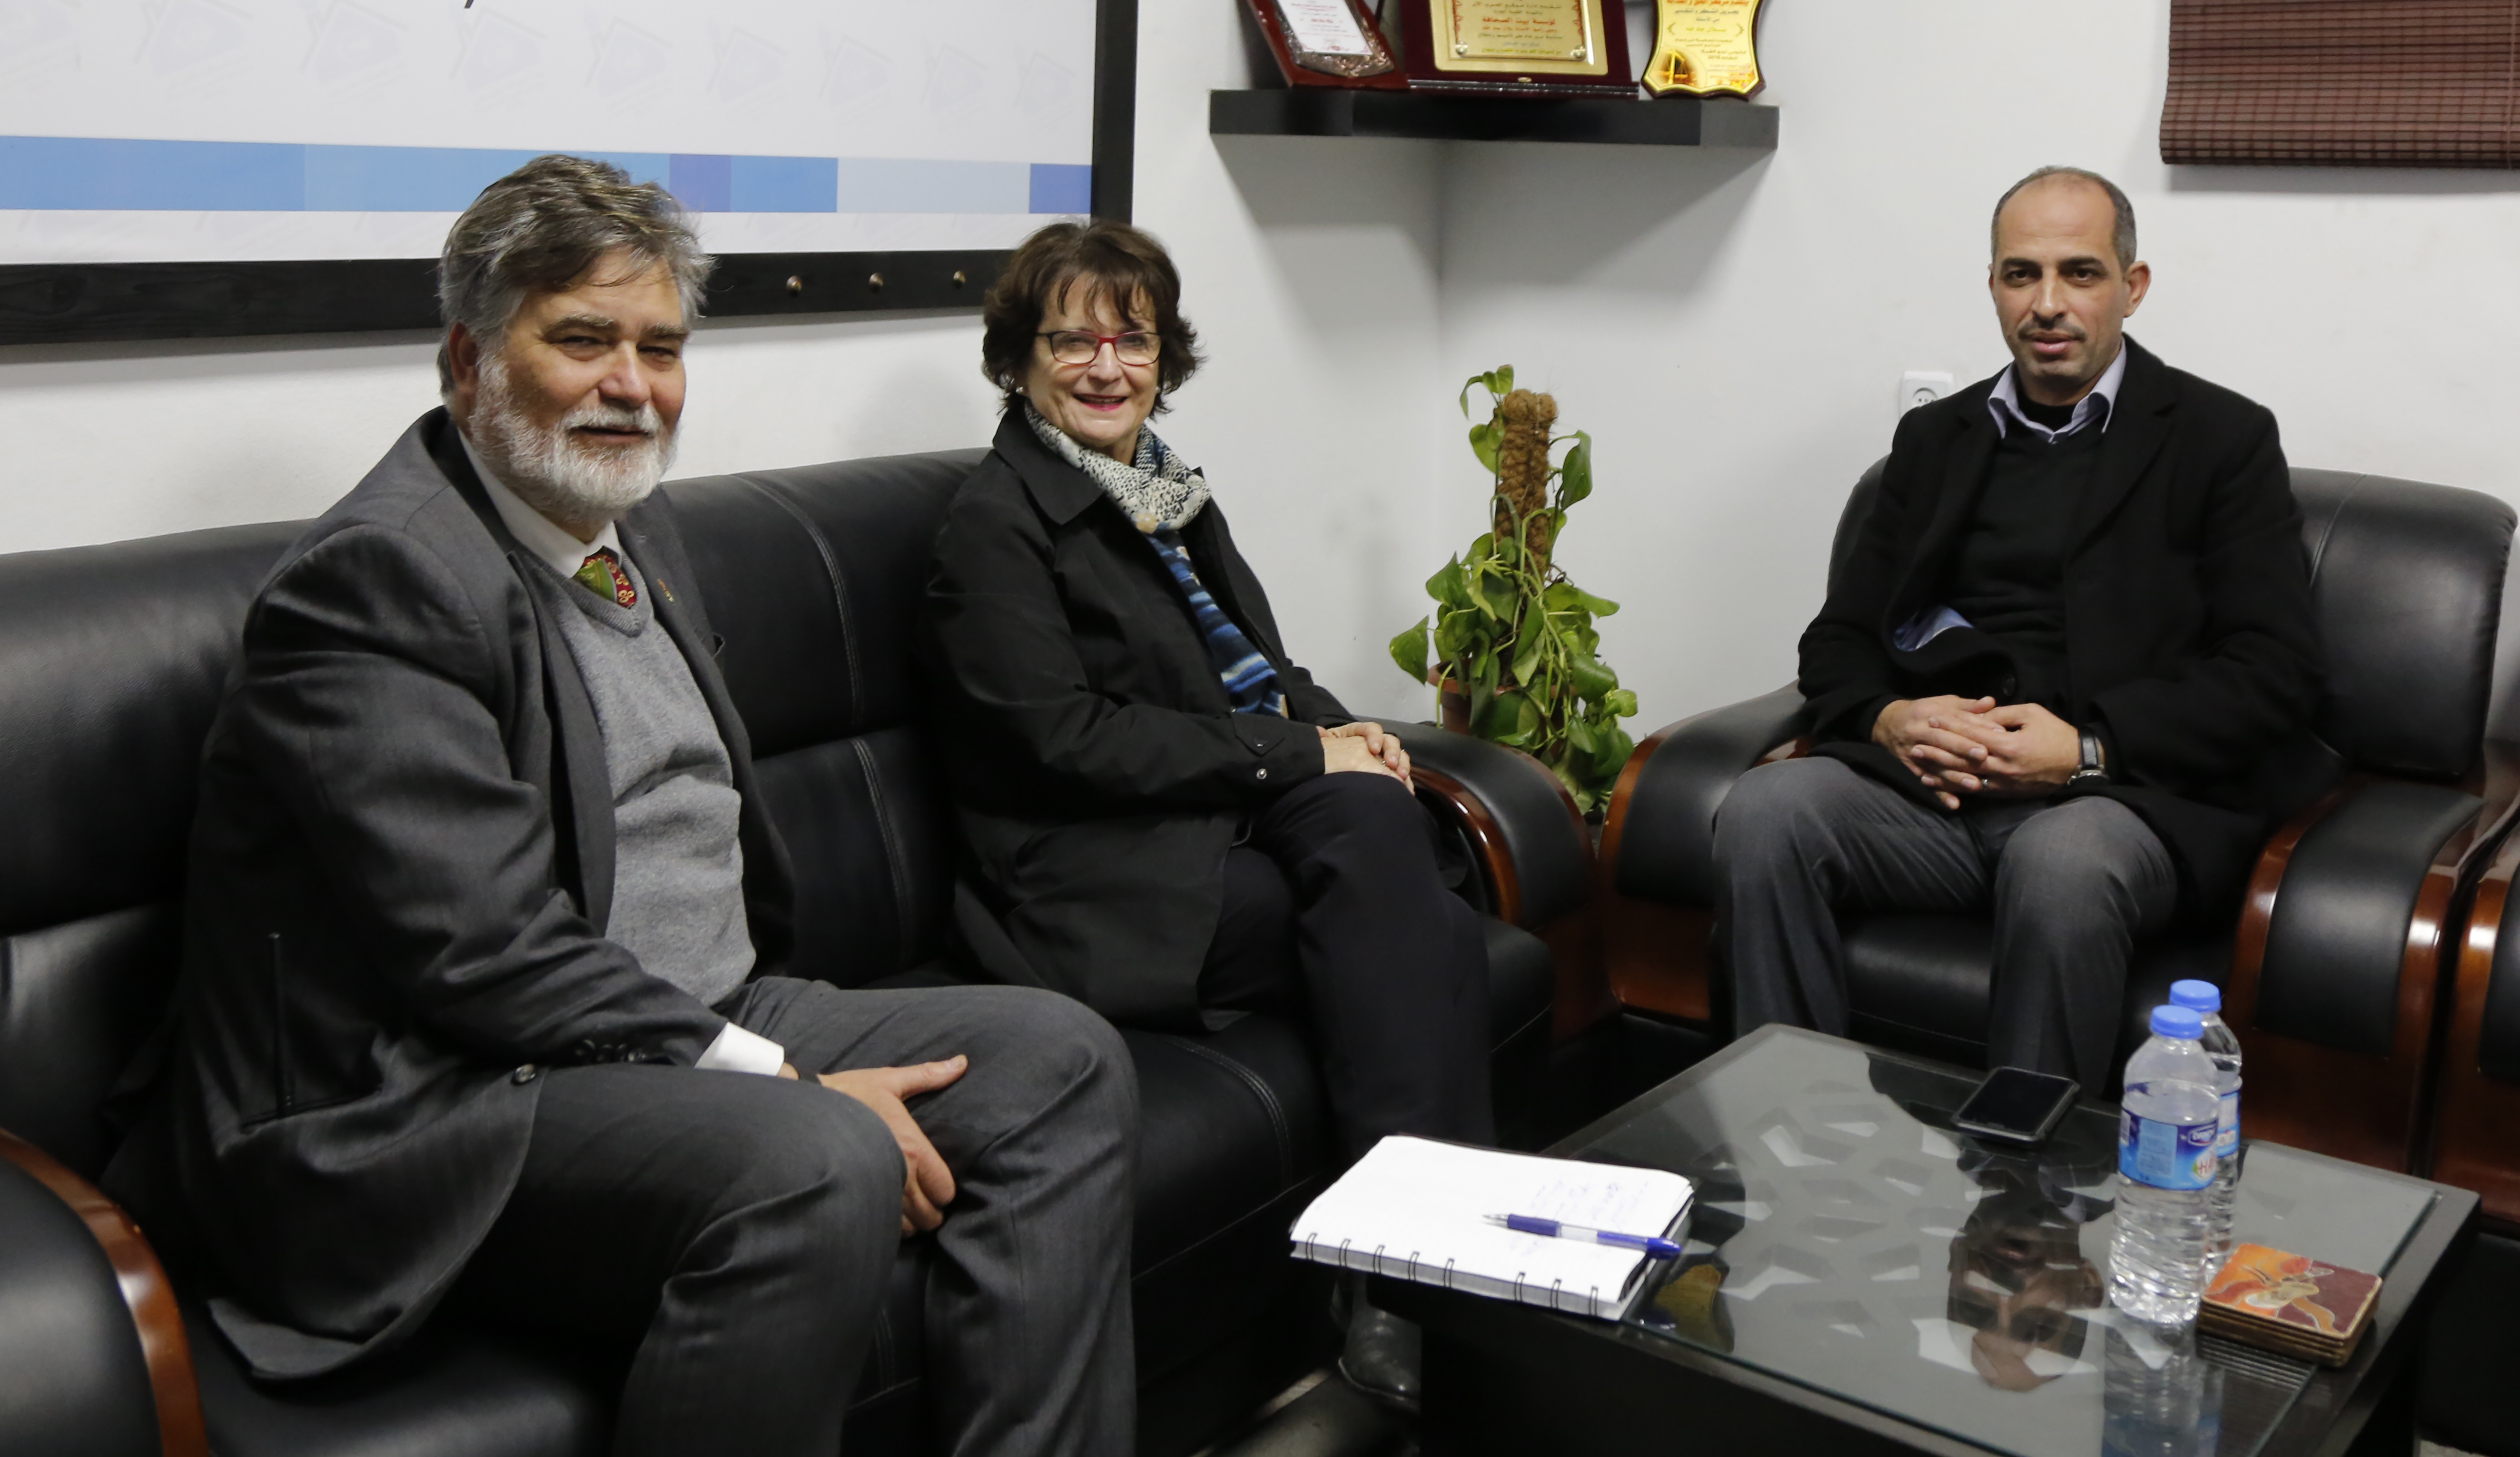 سفير كندا والقنصل العام يزوران بيت الصحافة